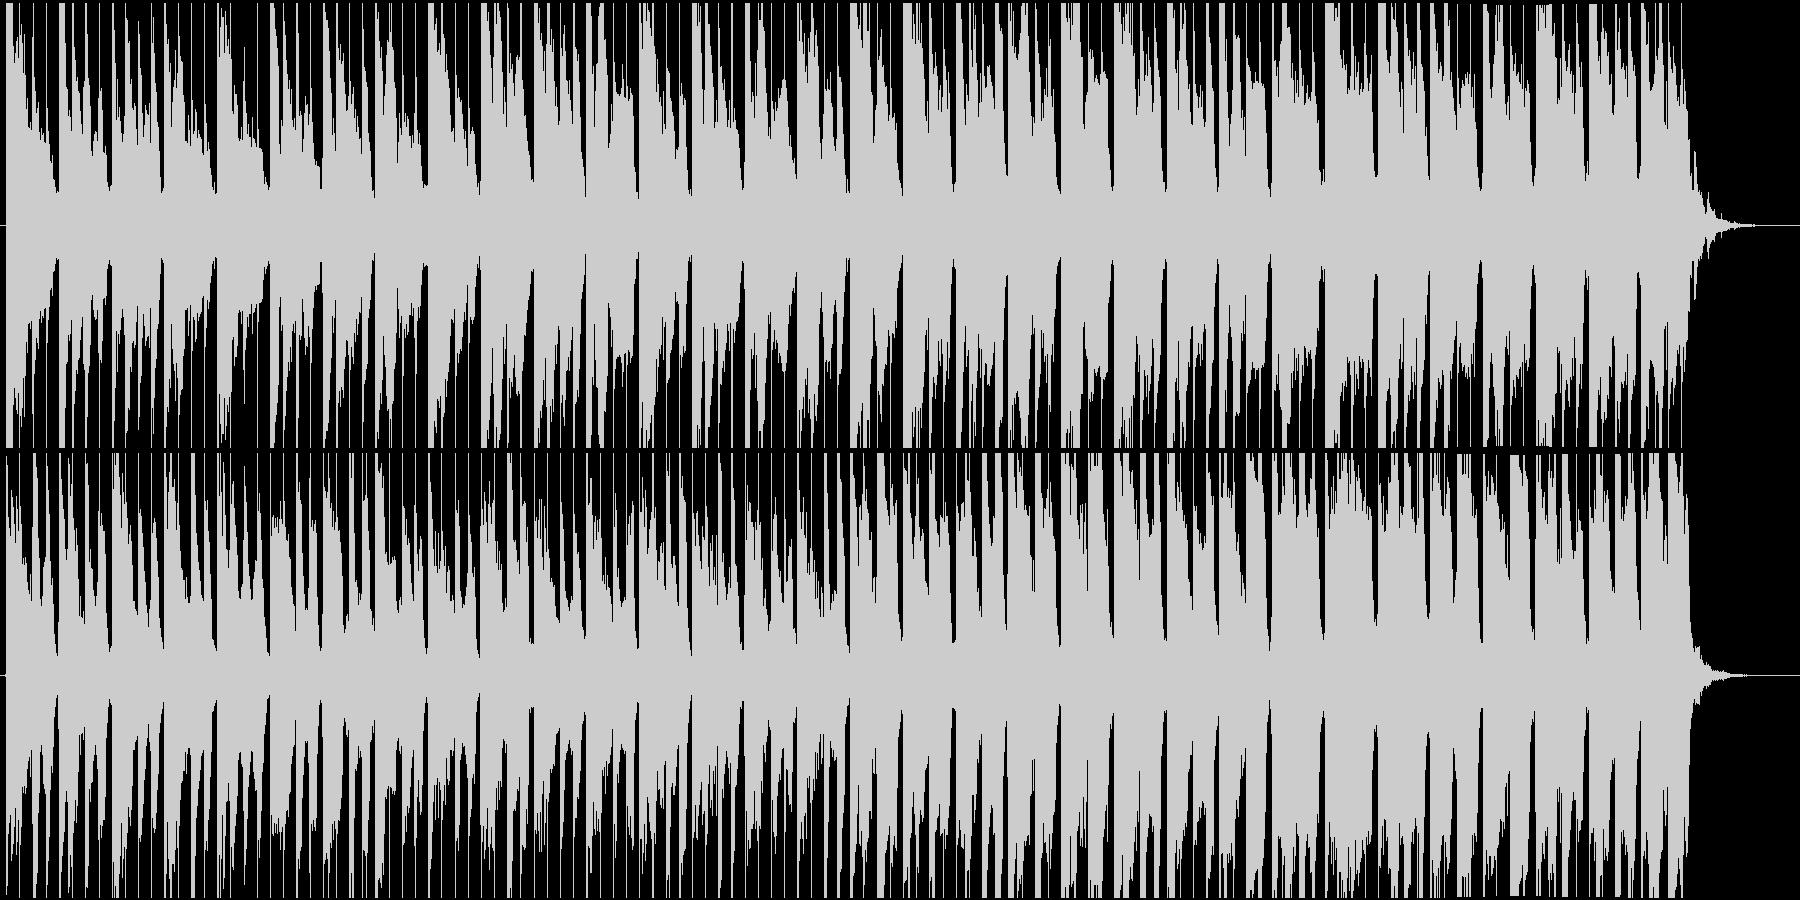 キュートでポップな楽しい気分になる1曲の未再生の波形